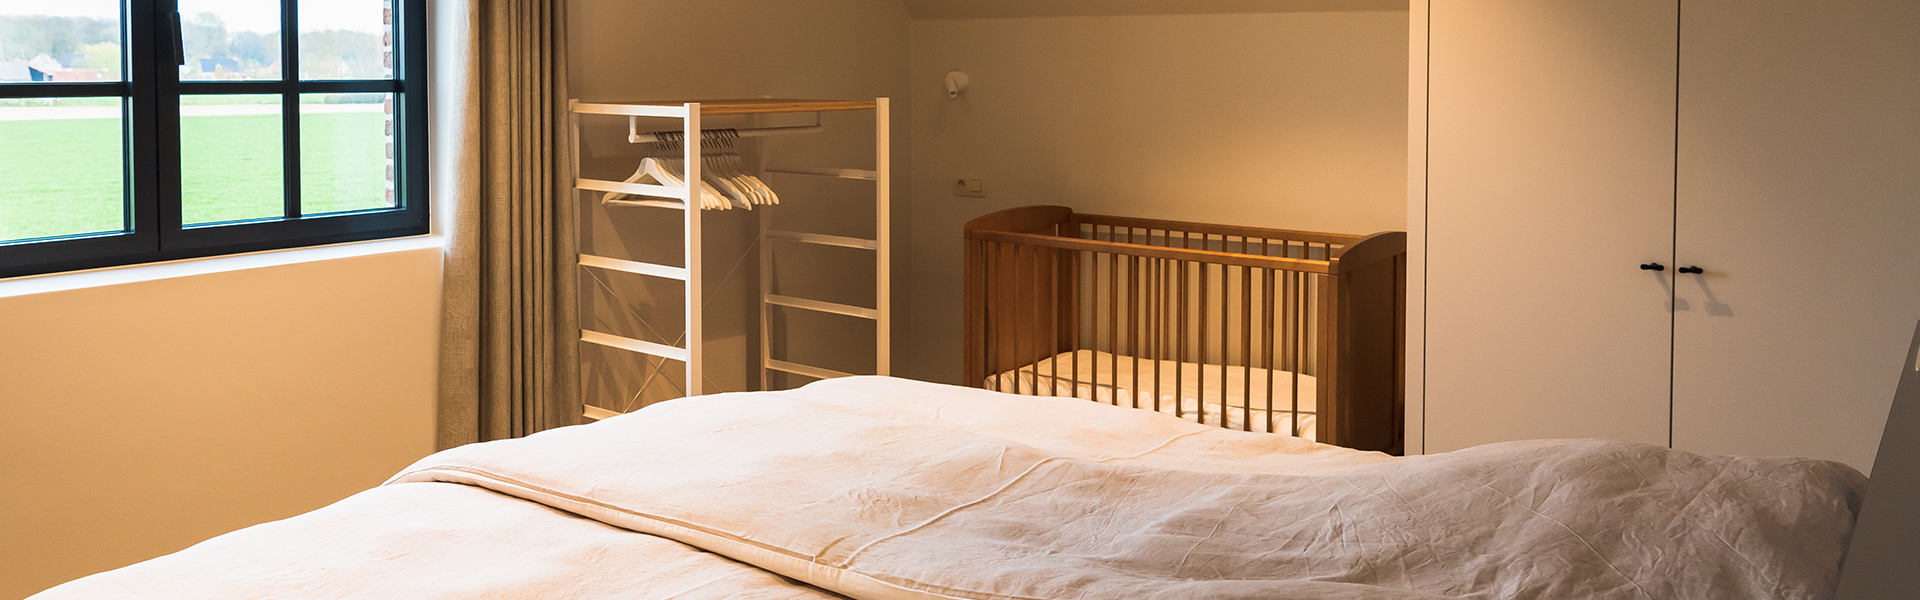 Kamers met apart kinderbedje